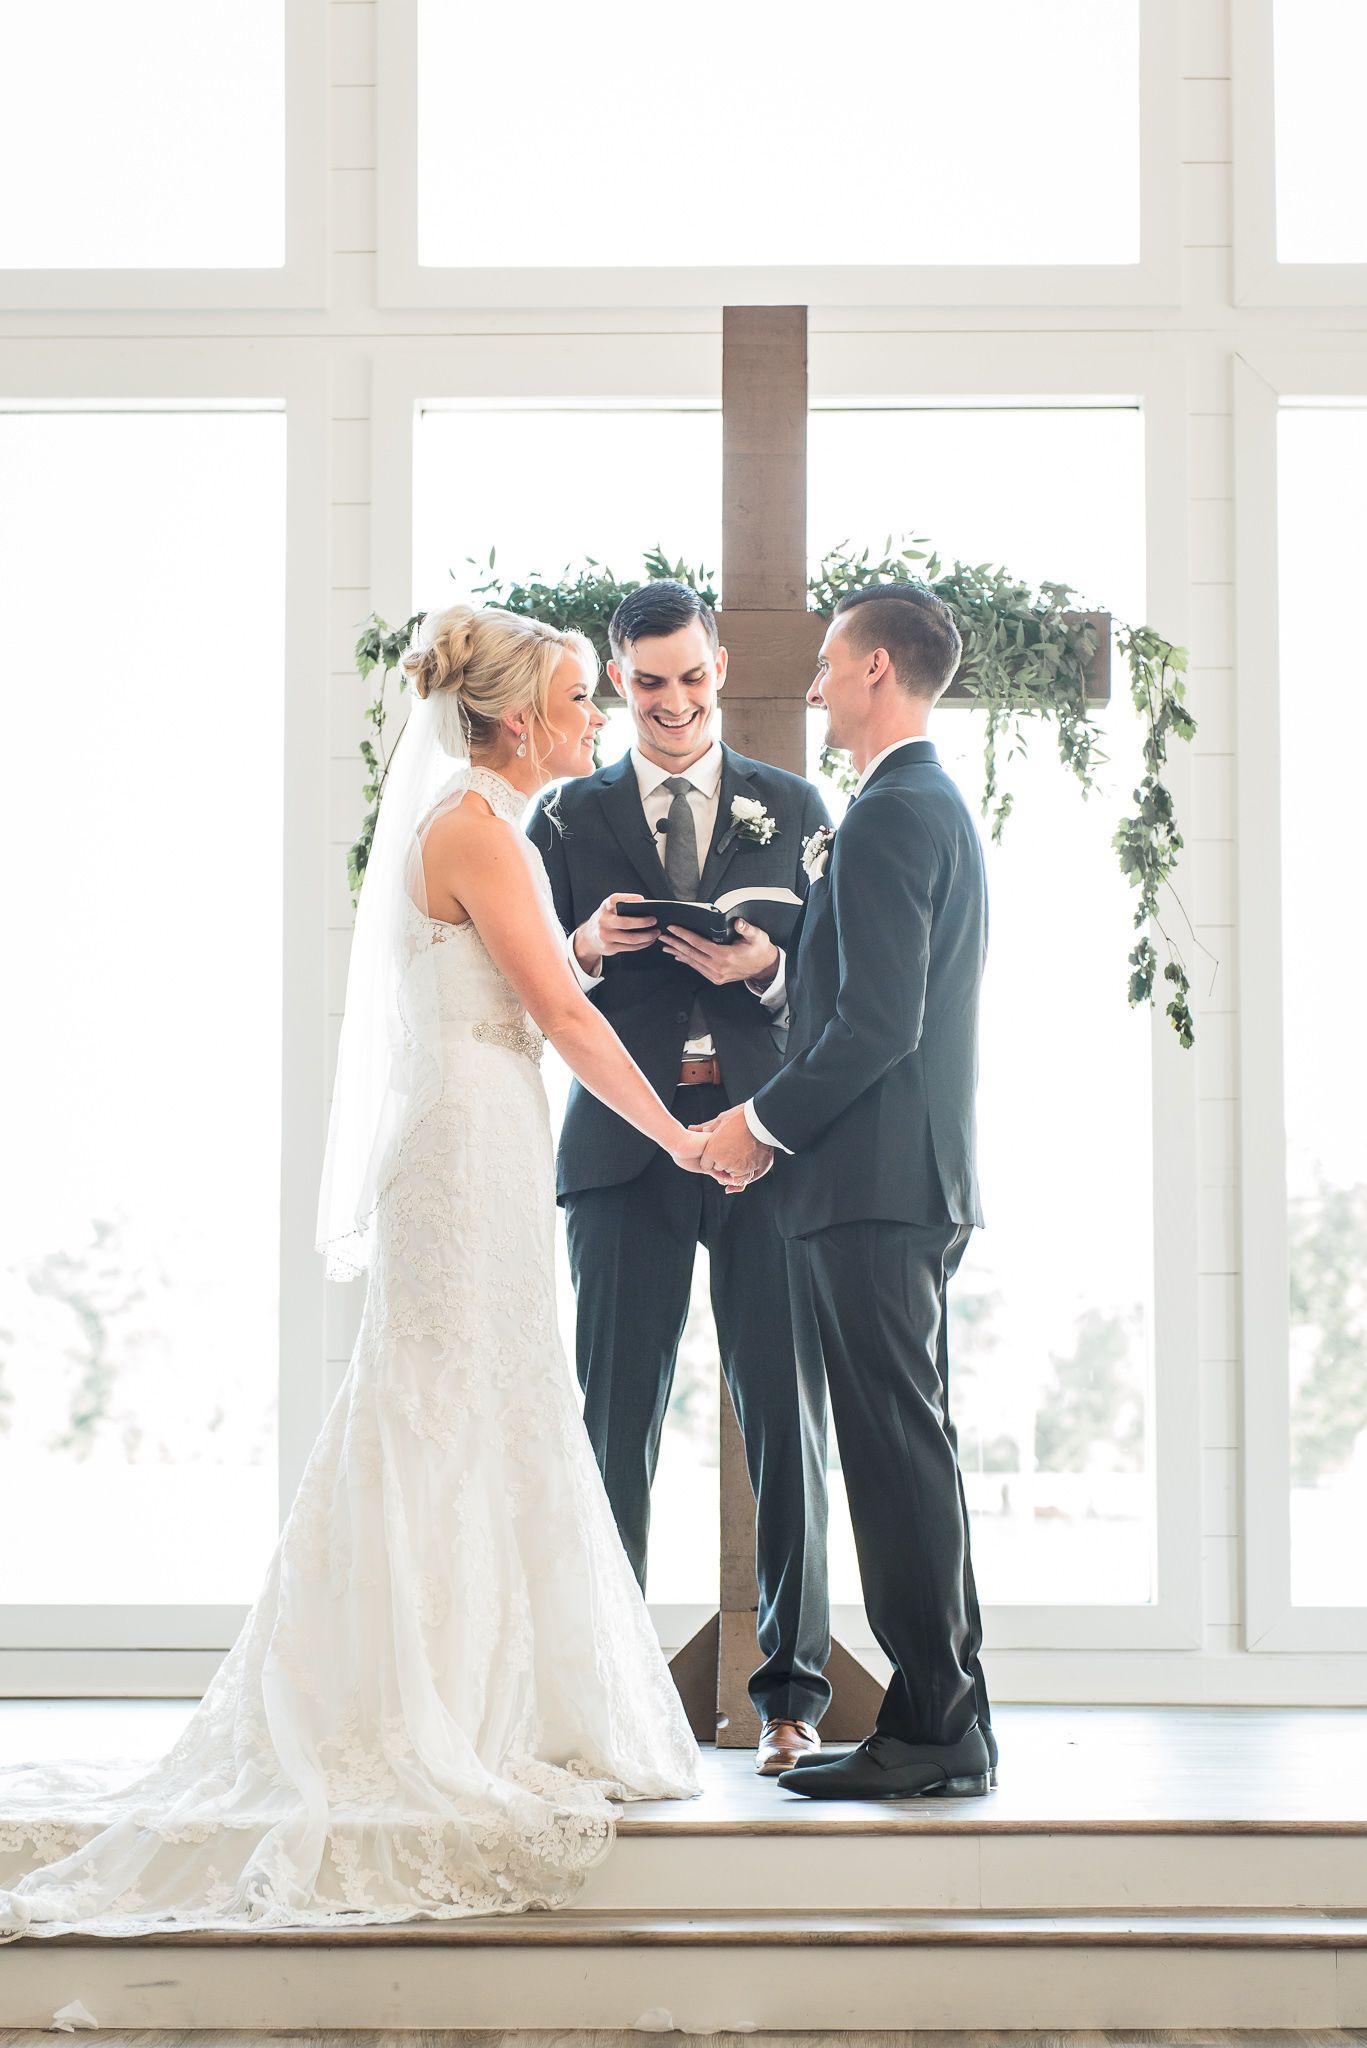 A Simple Houston Texas Farmhouse Wedding The Overwhelmed Bride Wedding Blog Socal Wedding Planner Farmhouse Wedding Venue Wedding Bride Farmhouse Wedding